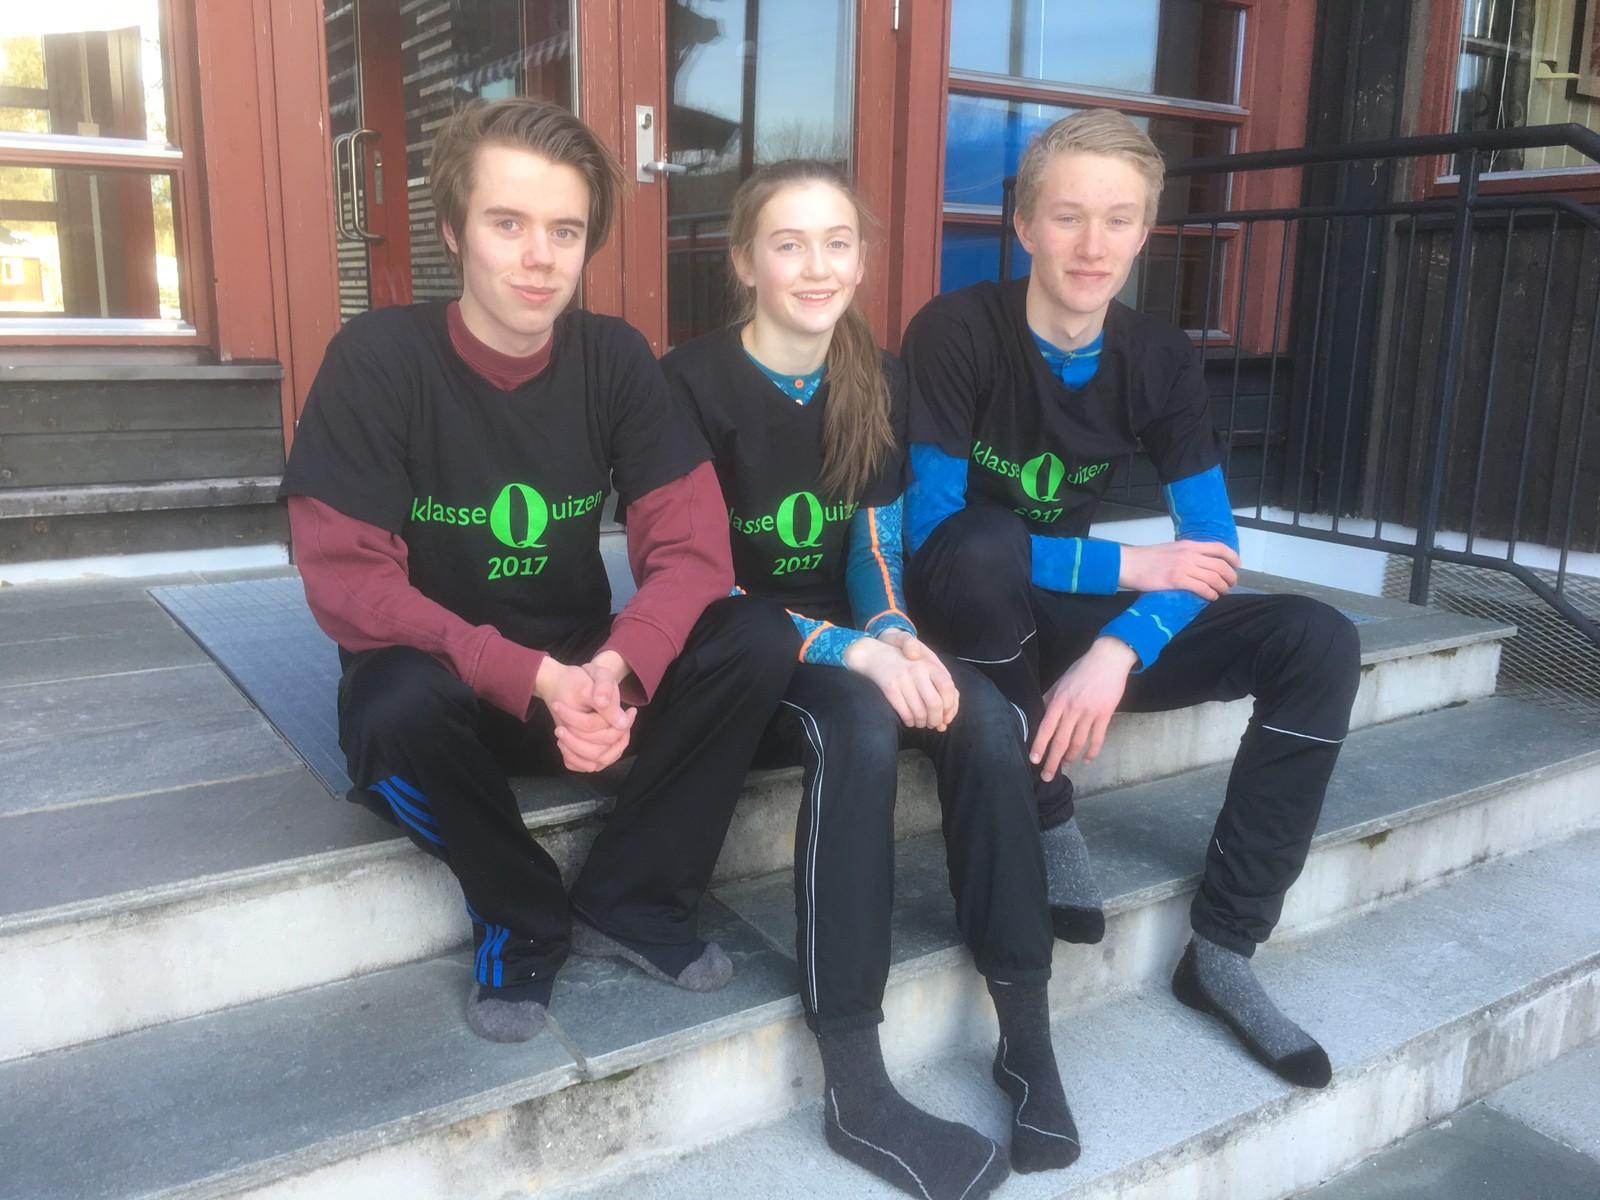 Niklas Elg Lunde, Hedda Høye og Kristian Nytrøen fra Fagertun skole i Rendalen fikk åtte rette.